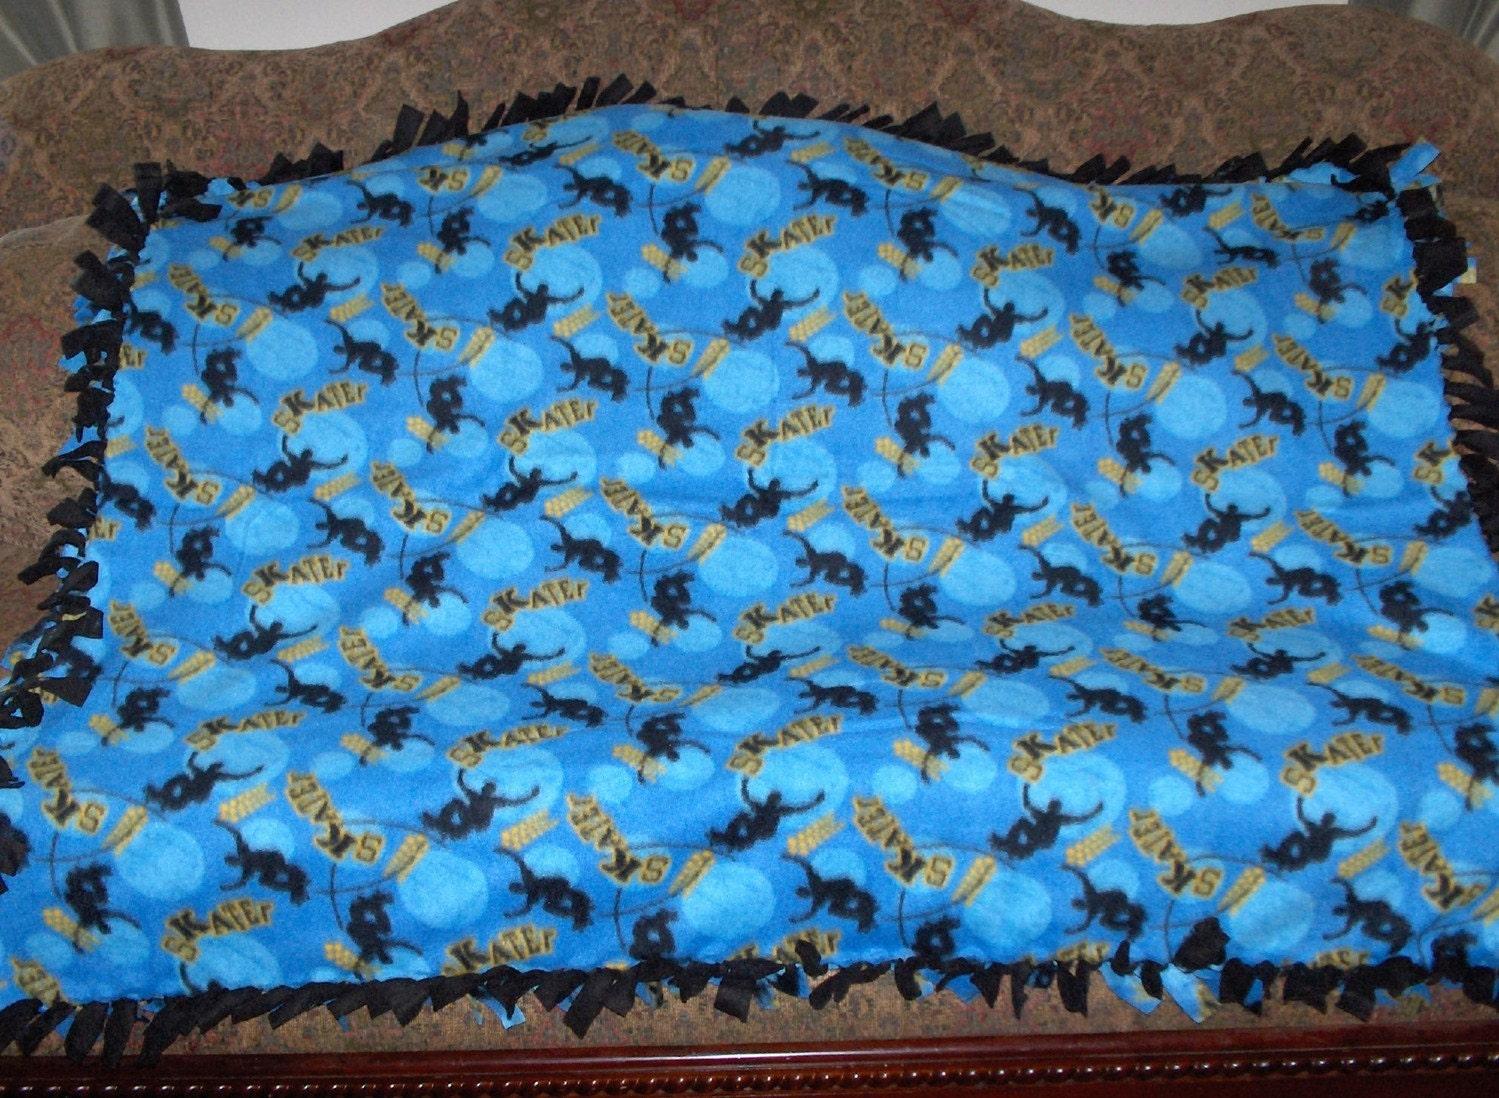 Fleece Tie Blanket Skateboarding On Med Blue Black Back 48x60